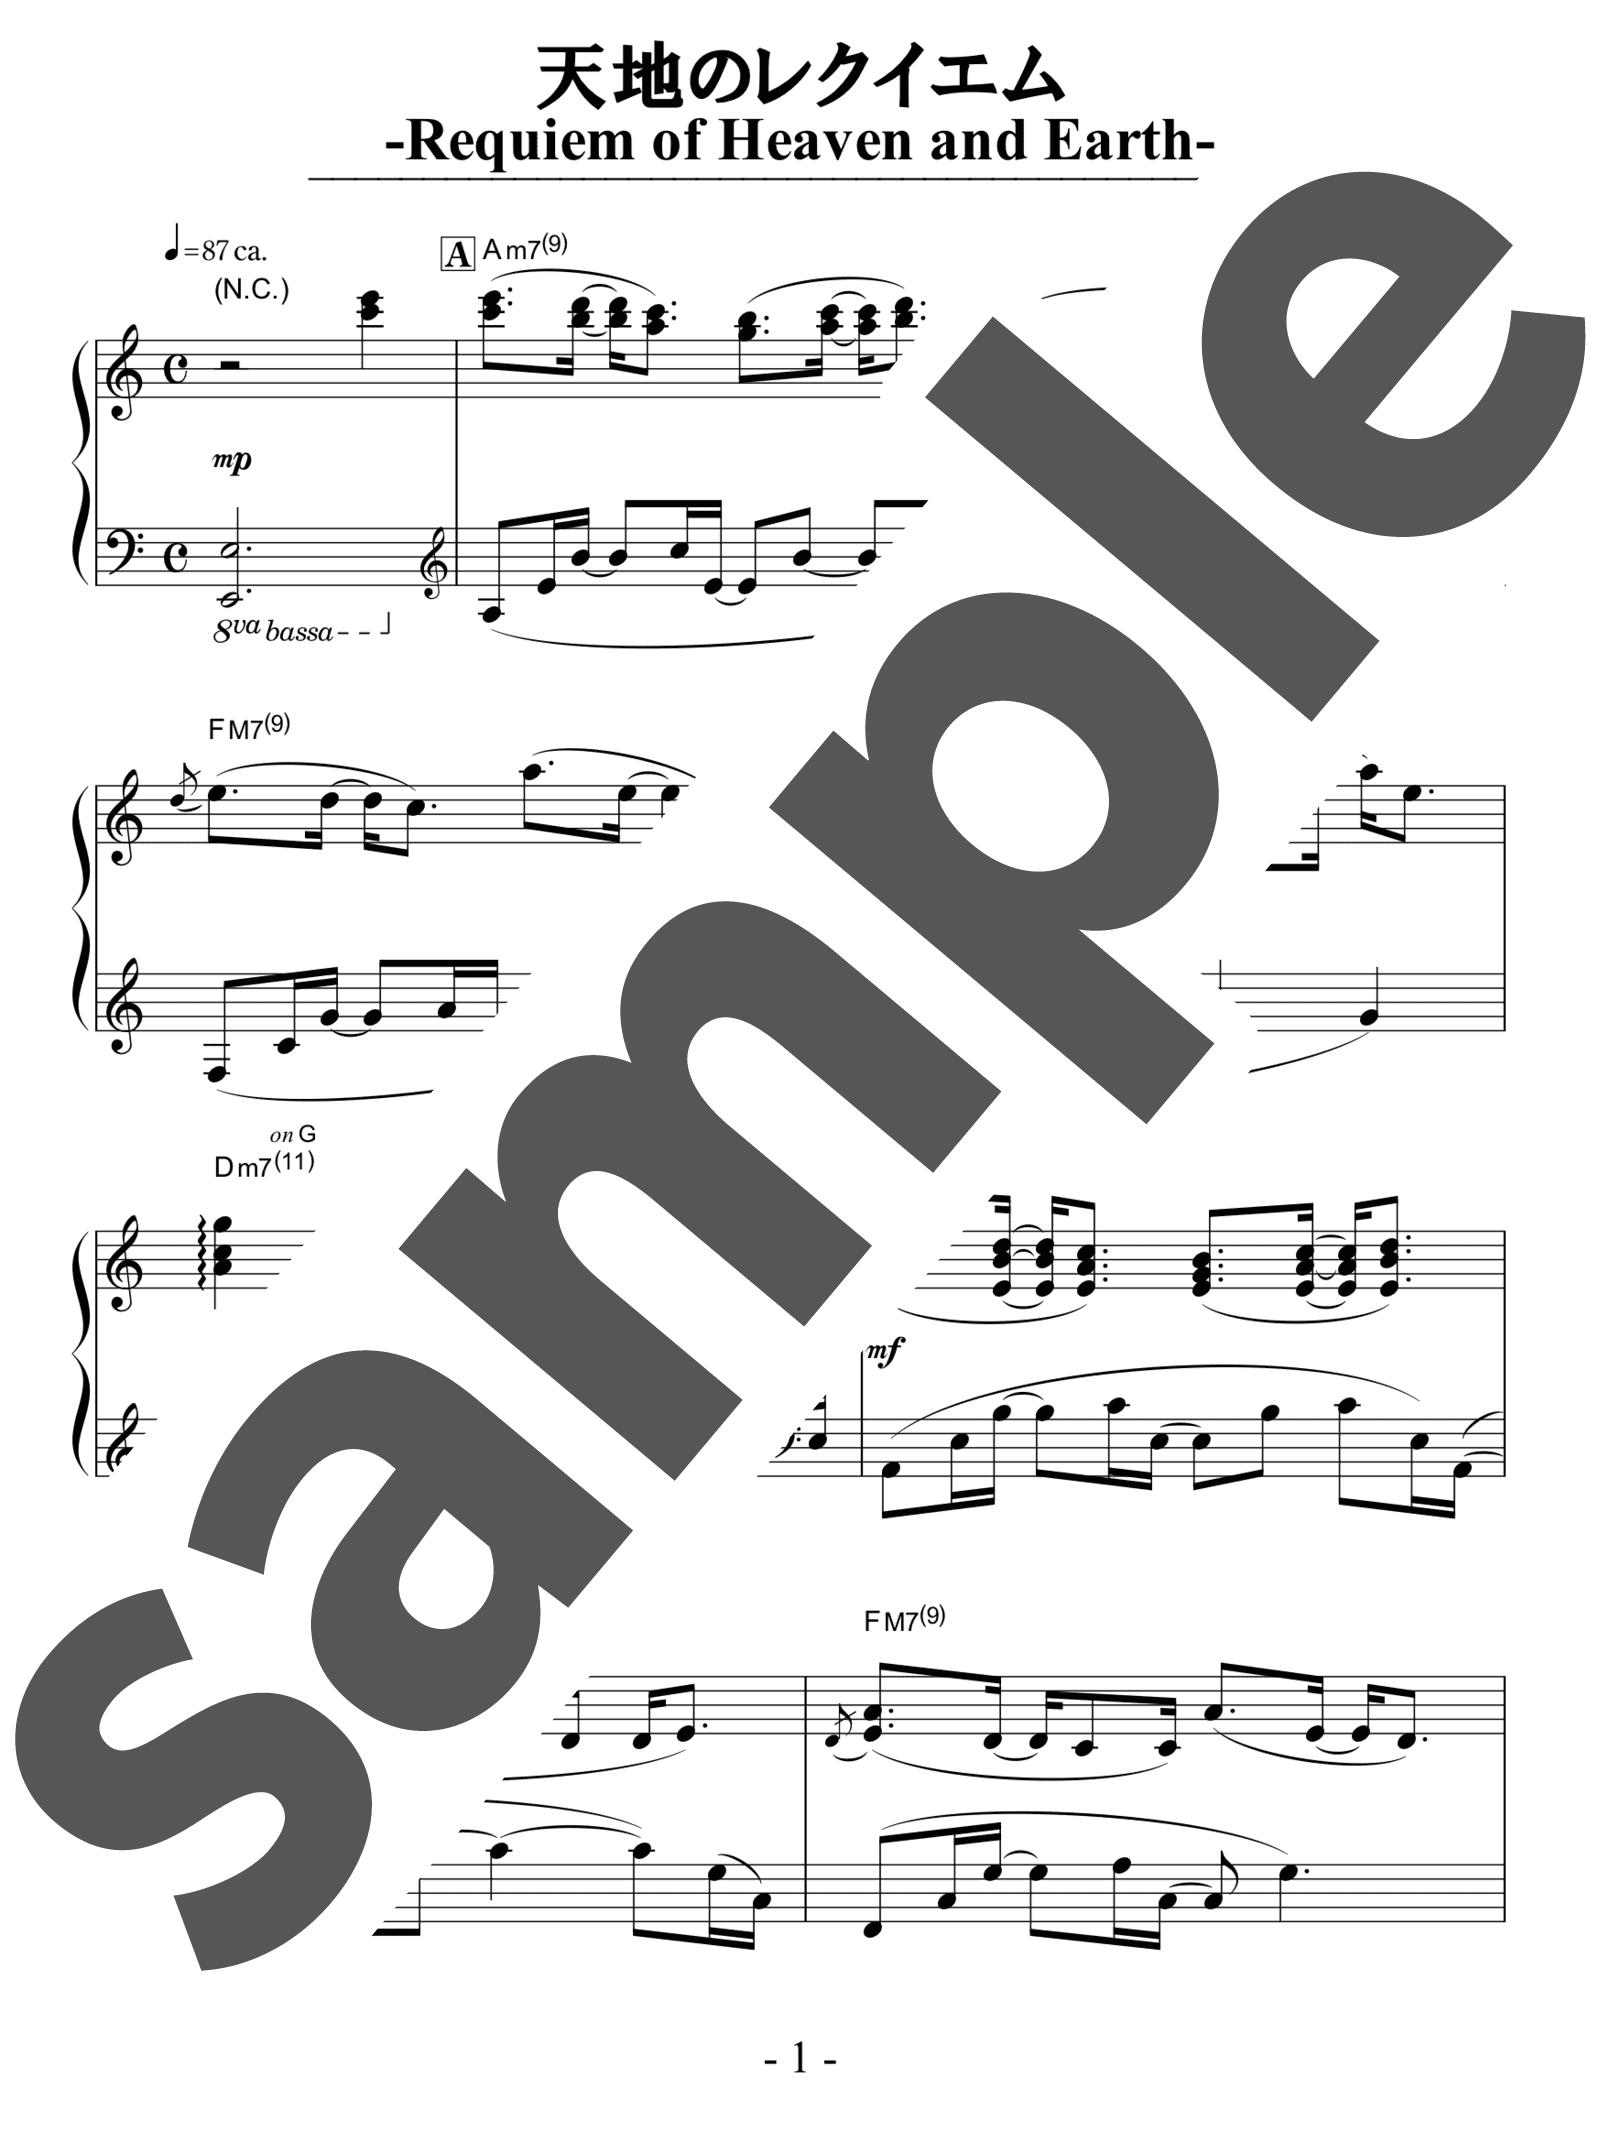 「天と地のレクイエム」のサンプル楽譜